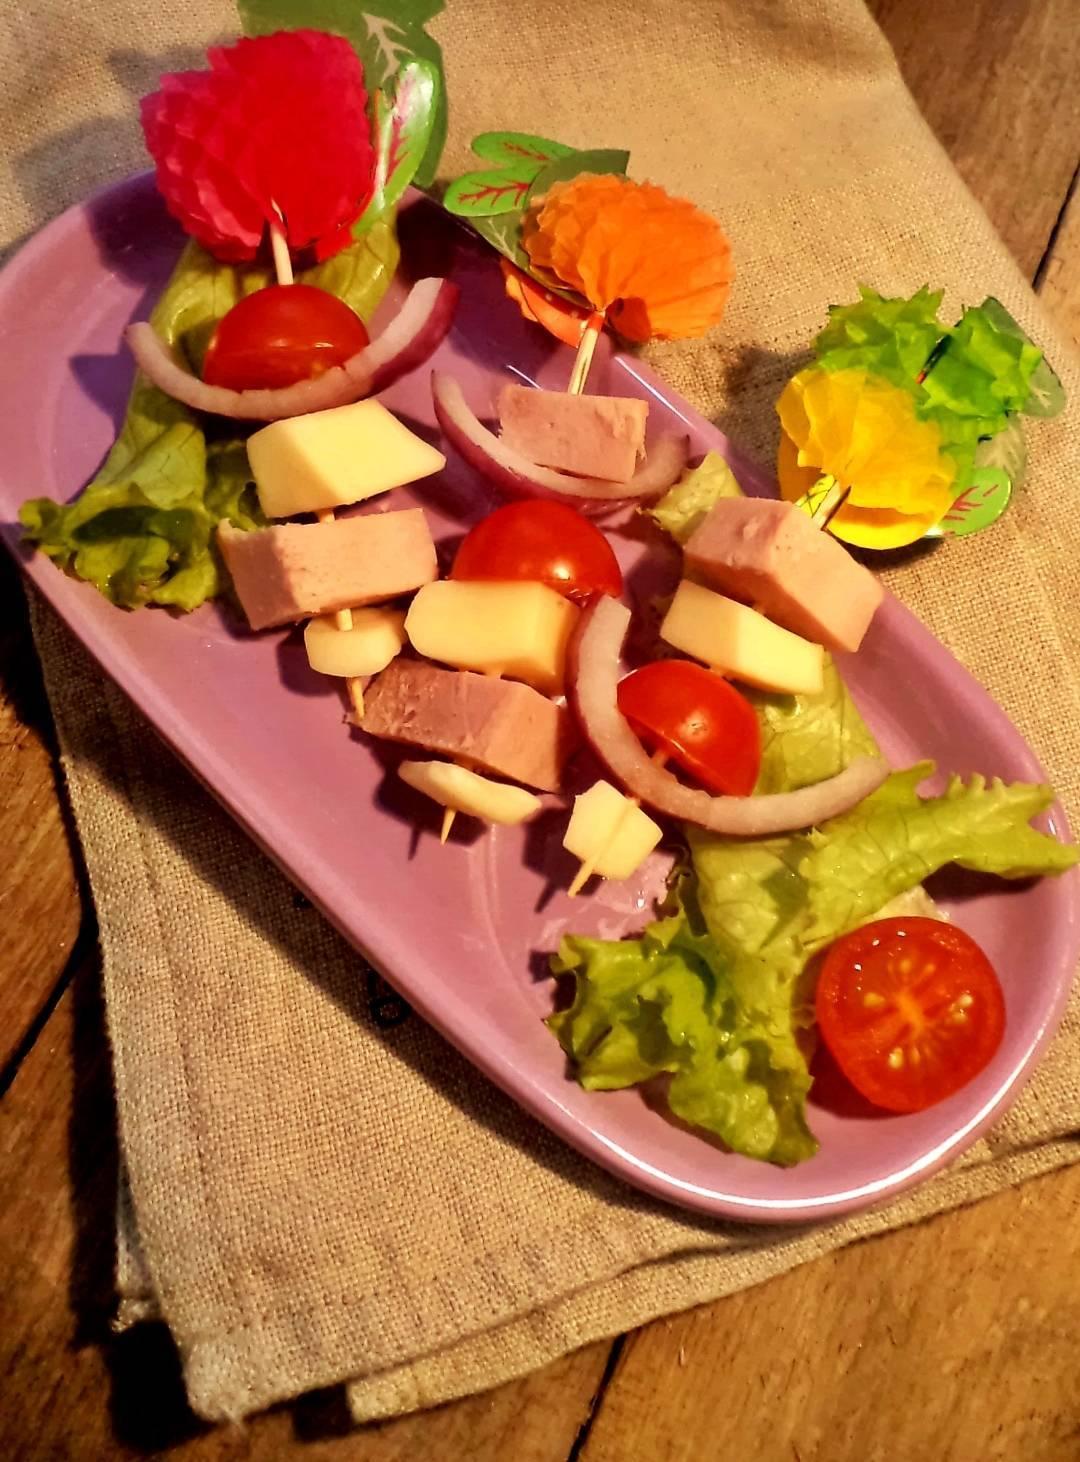 Что приготовить на 23 февраля: аппетитные рецепты и советы к мужскому празднику